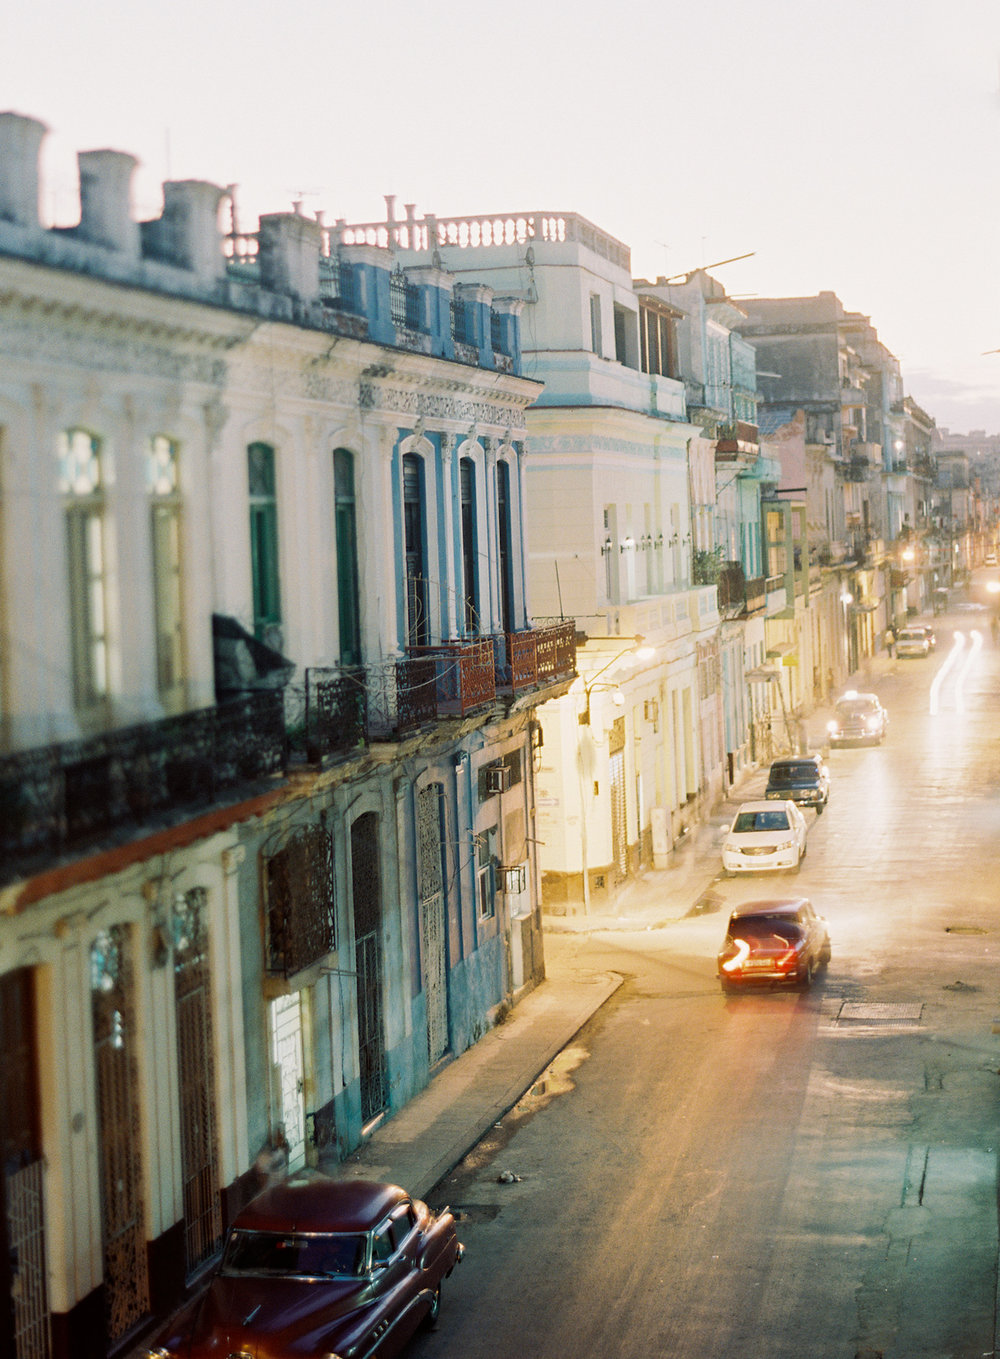 JenHuang-Cuba2016-28-009435-R1-014.jpg